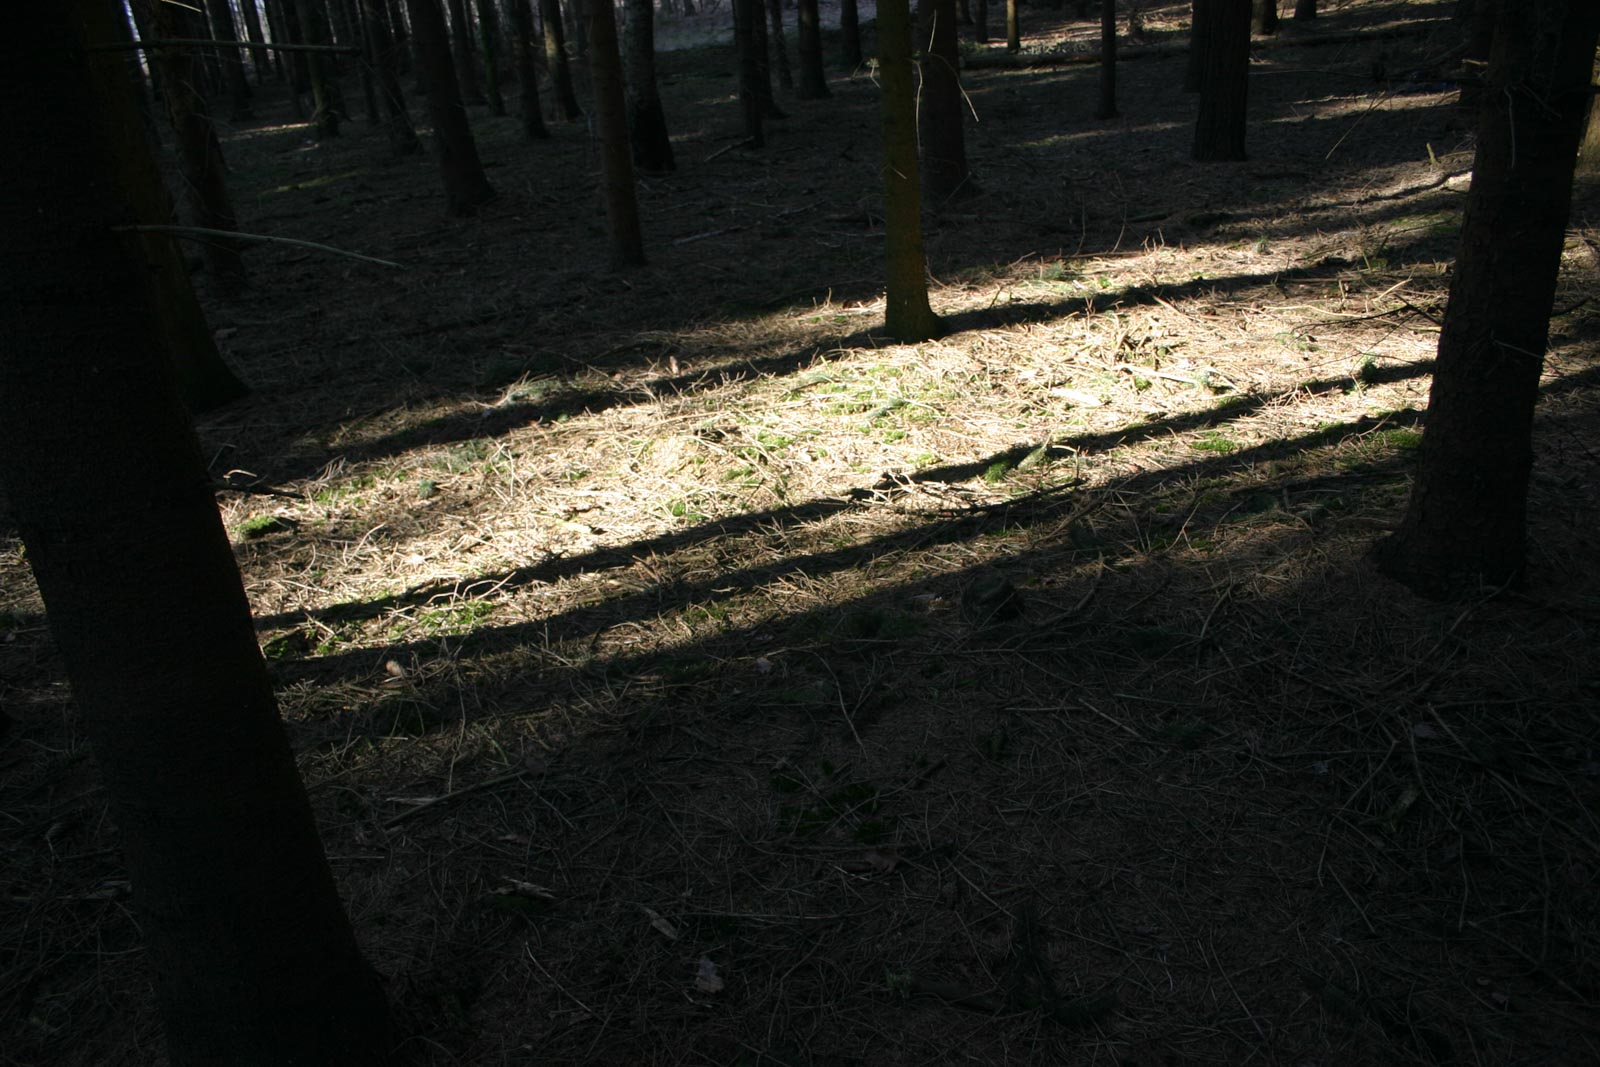 Schaduw in zon in het bos